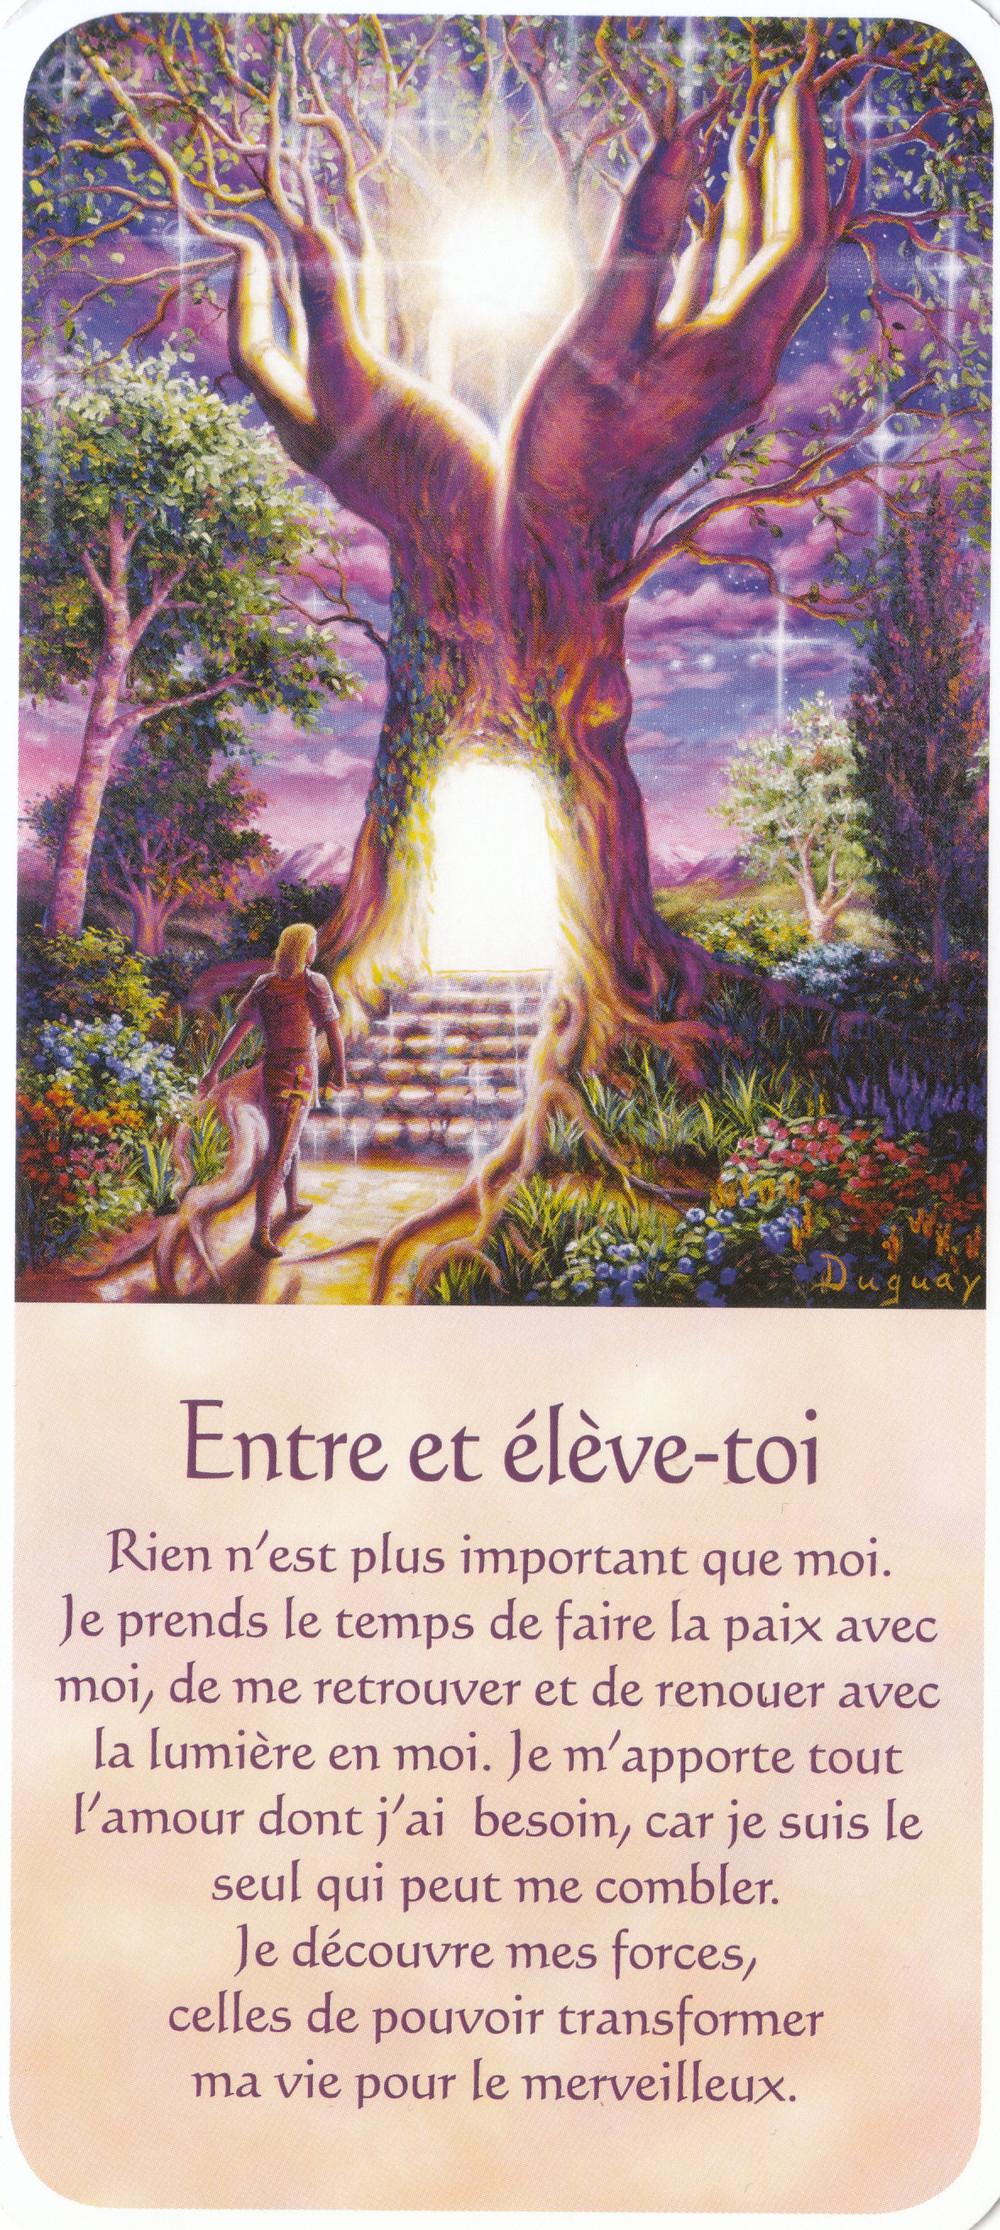 Carte tirée de Messages d'Eveil, de Mario Duguay - Entre et élève-toi